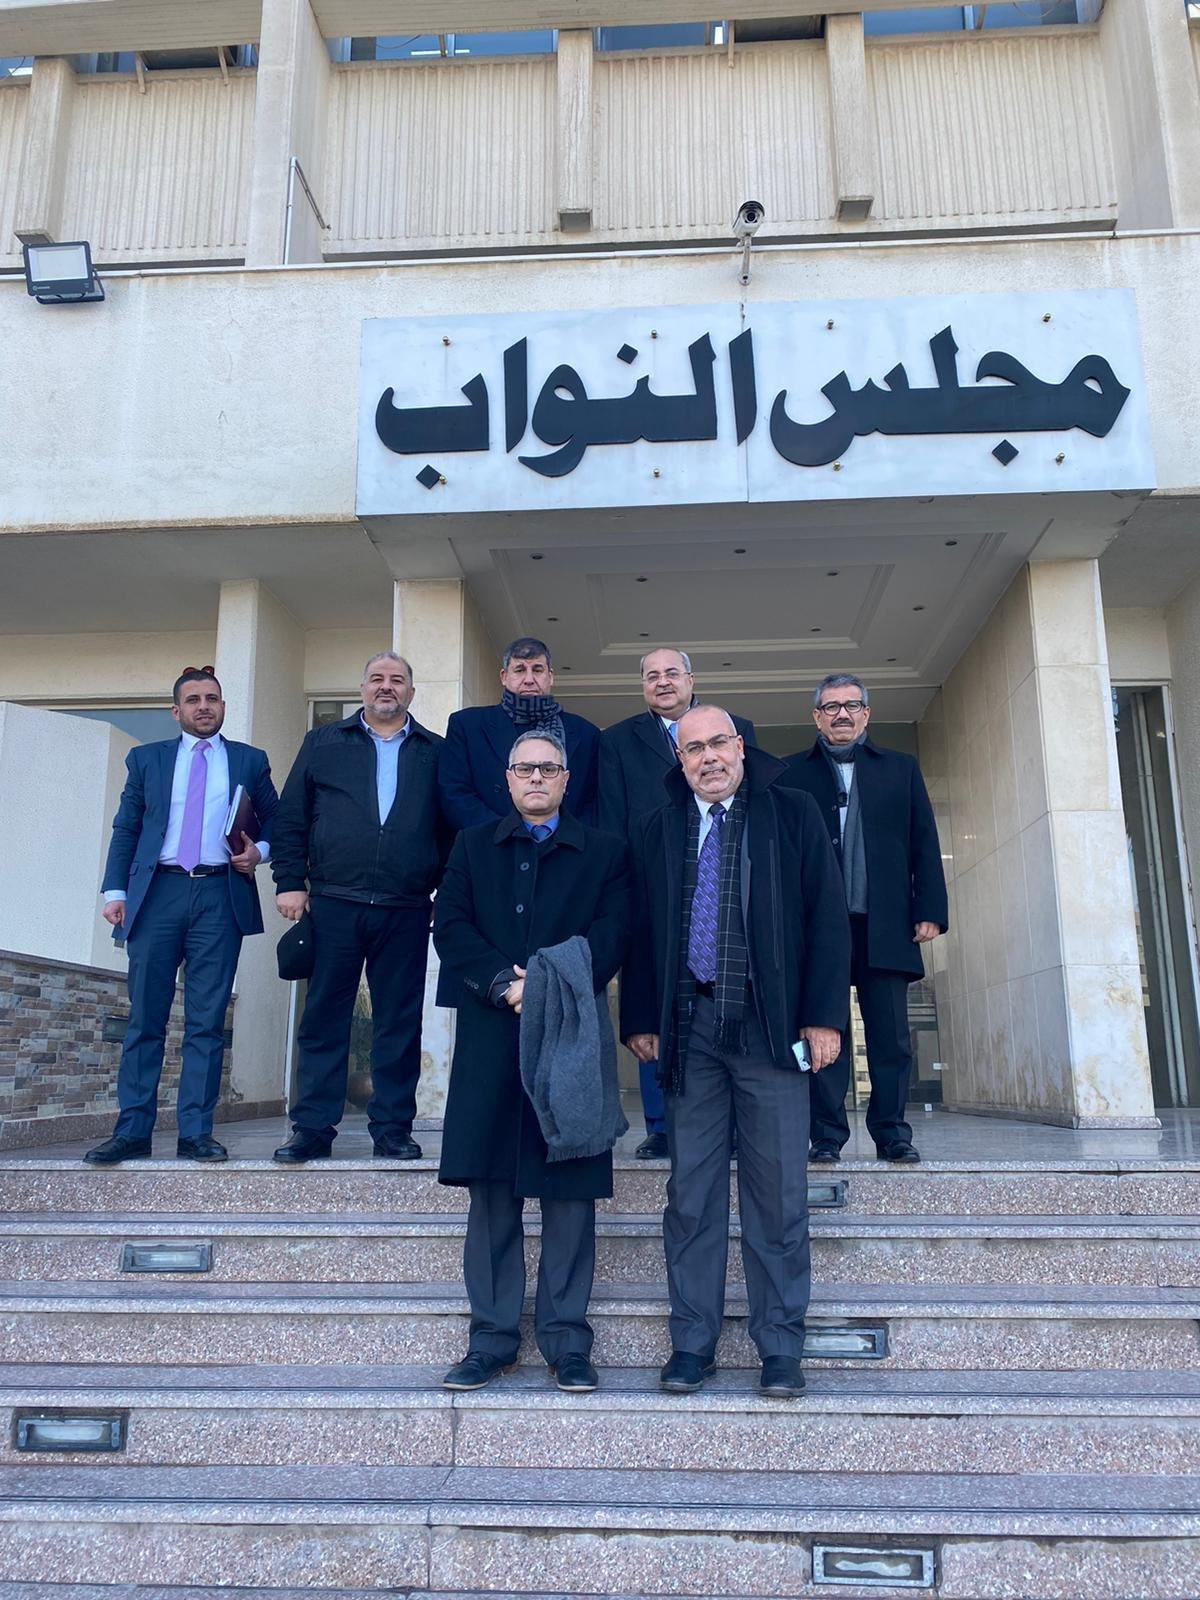 نواب لجنة القدس في المشتركة يطرحون قضايا الداخل والقدس خلال اجتماعهم بالبرلمان الأردني-1